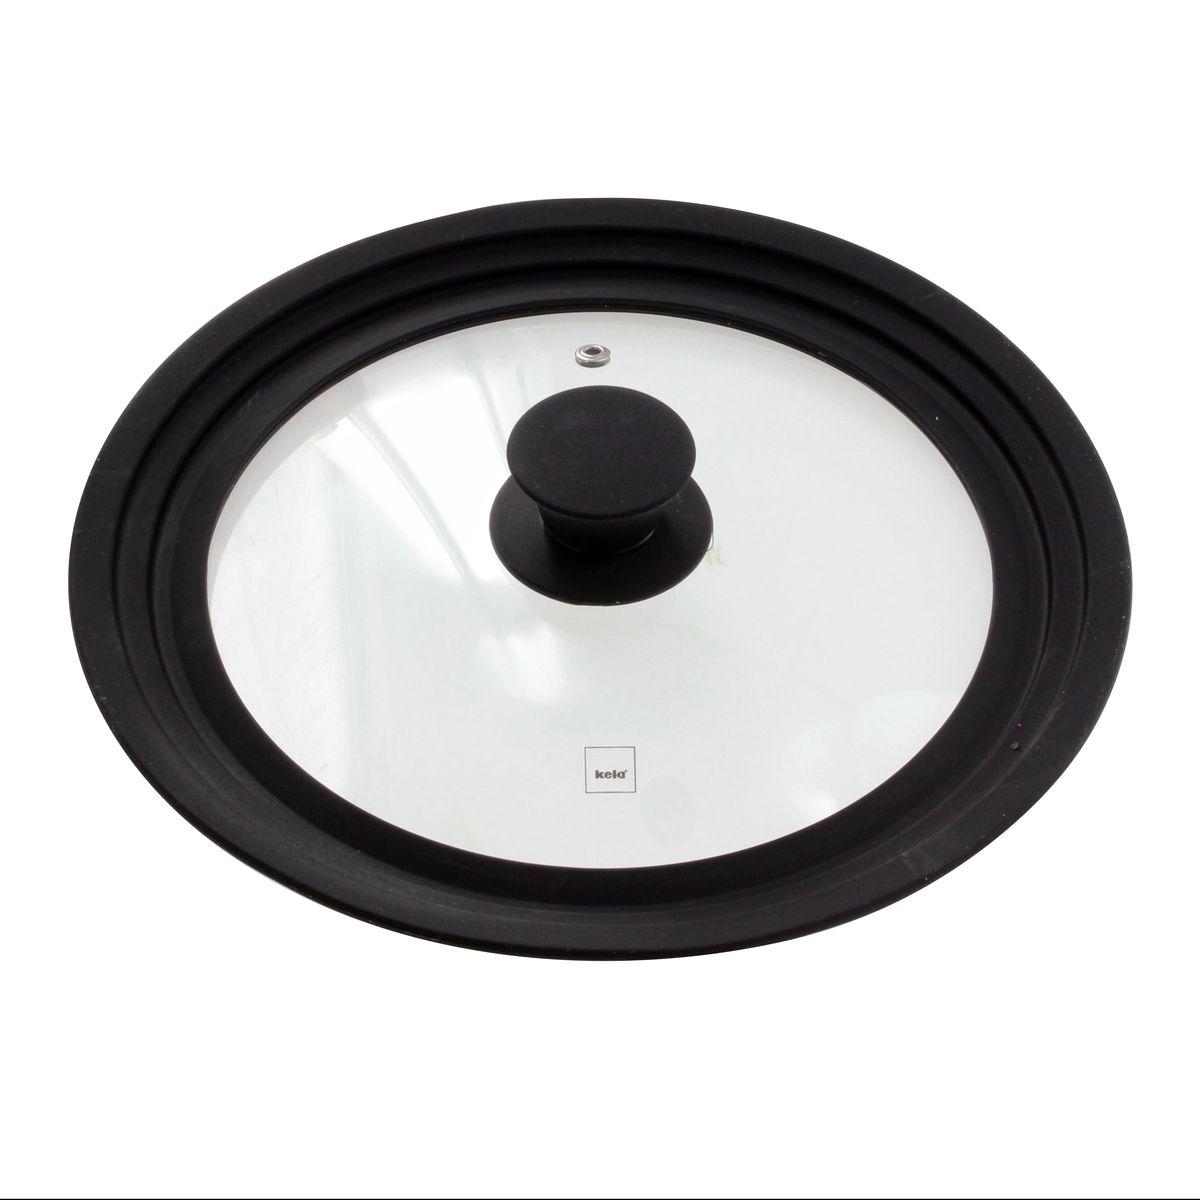 Couvercle en verre et silicone multi-diamètres de 22 à 26 cm - Kela